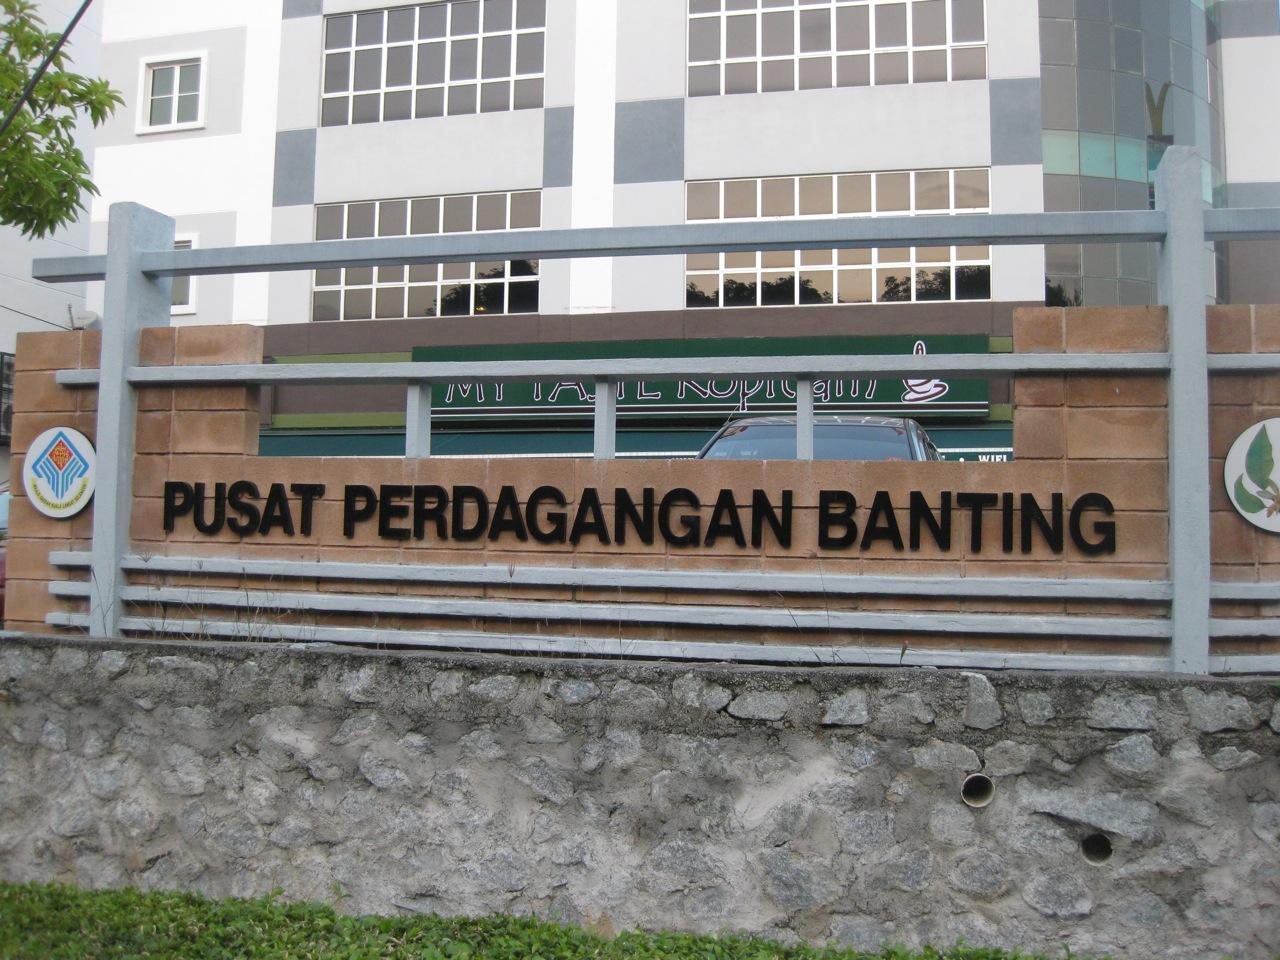 Pusat Perdagangan Banting